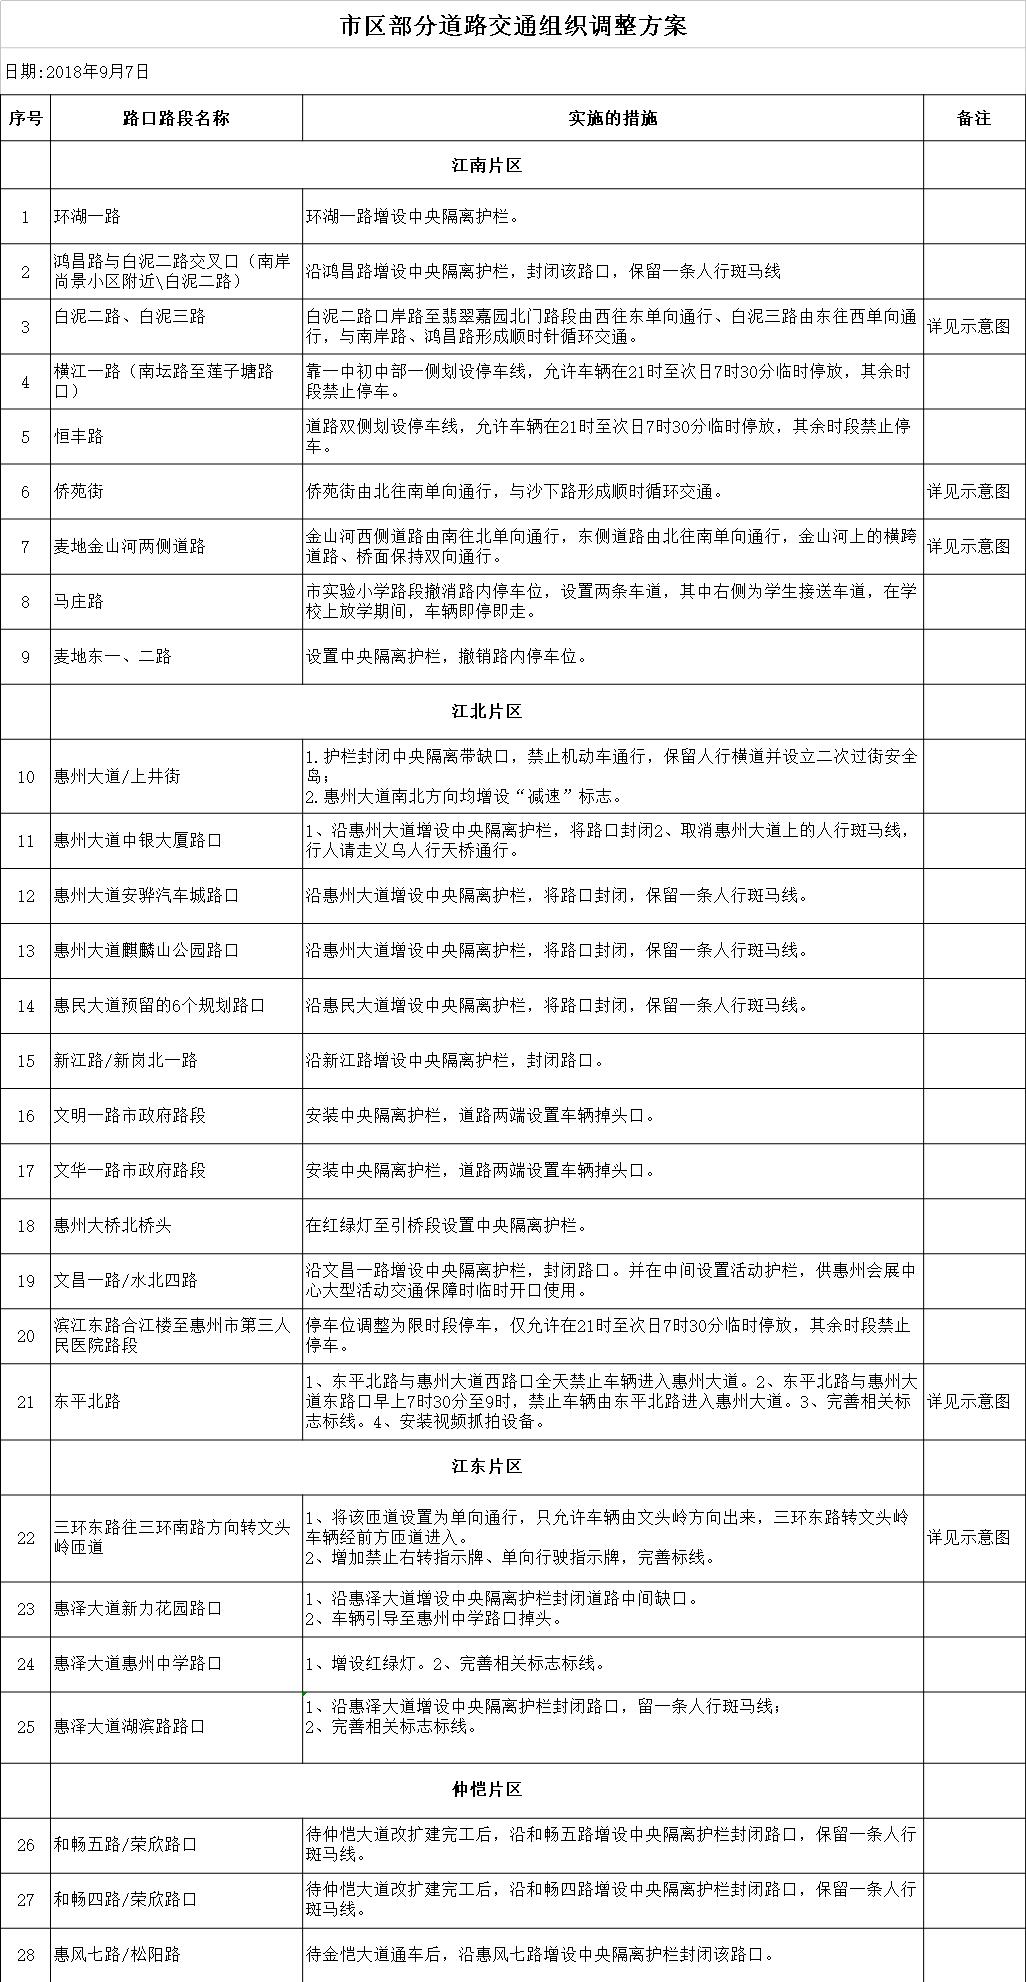 惠州市区部分道路交通组织调整方案